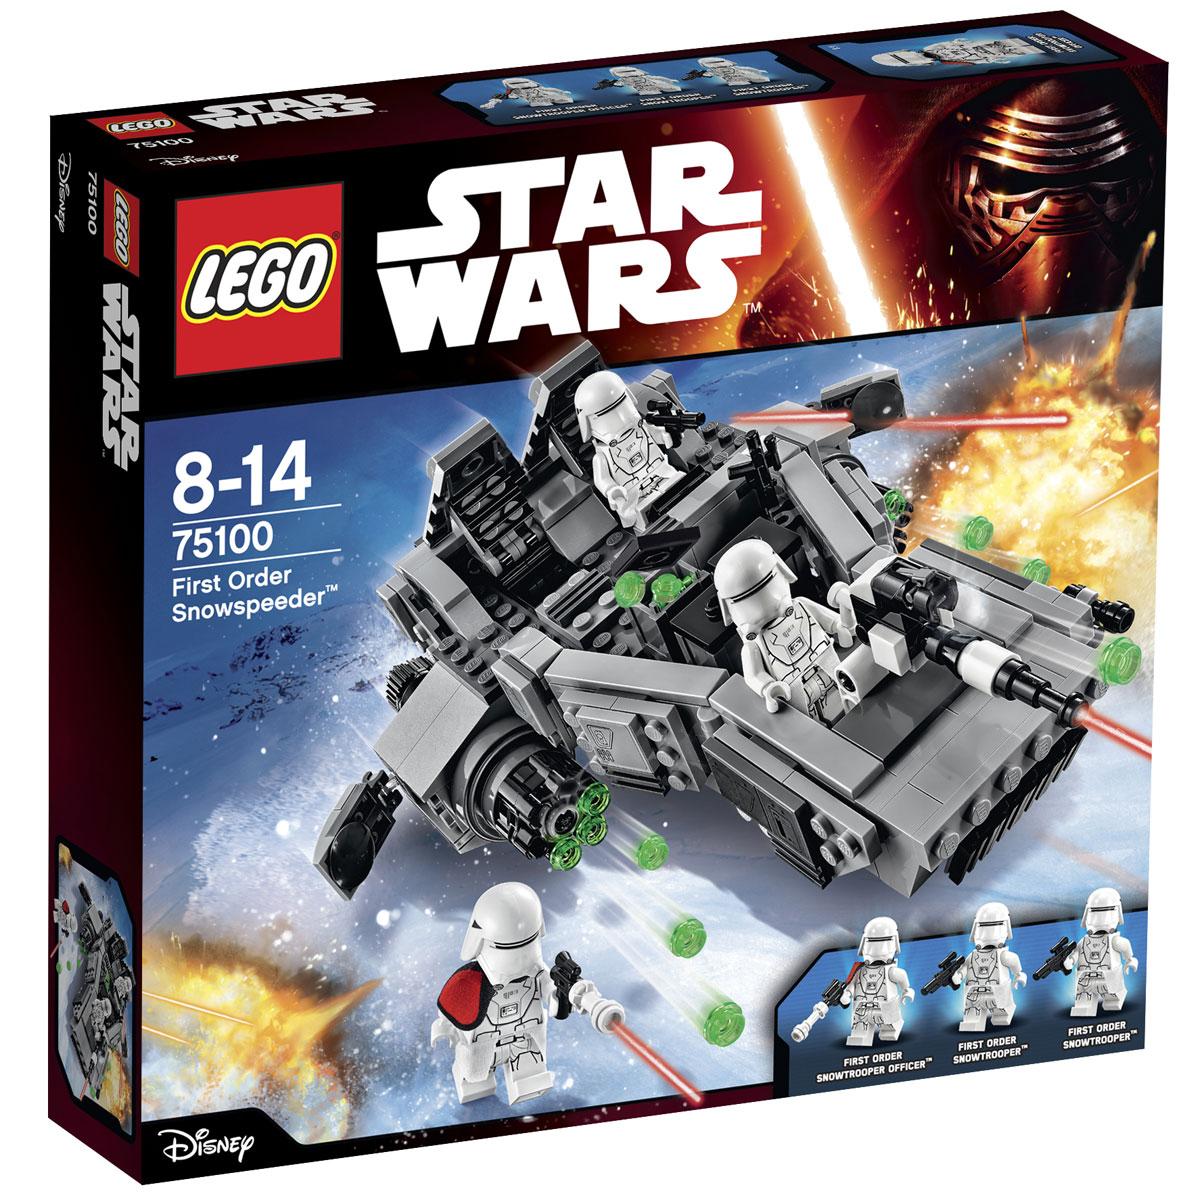 LEGO Star Wars Конструктор Снежный спидер Первого Ордена 7510075100Конструктор LEGO Снежный спидер Первого Ордена станет отличным подарком фанатам Звездных войн! Снежный спидер прекрасно подойдёт для транспортировки штурмовиков и вооружения к местам сражений. Его треугольный корпус, выполненный из деталей серых оттенков, покрыт защитными пластинами, не боящимися экстремально низких температур. В носовой части организовано место стрелка, состоящее из прямоугольной ниши и мощной пушки. Во время патрулирования территорий пушка не активна и находится в сложенном виде, а во время атаки она поднимается и ведёт прицельный огонь по силам противника. В центральной части спидера устроен открытый отсек для хранения, в котором могут поместиться 3 контейнера с боеприпасами и держатели для бластеров. Хвостовая часть боевого корабля оборудована двумя эргономичными креслами с бронированными подголовниками. Левое кресло, снабжённое приборной панелью, предназначено для офицера, а правое - для вооружённого штурмовика. По бокам от них видны мощные двигатели с...